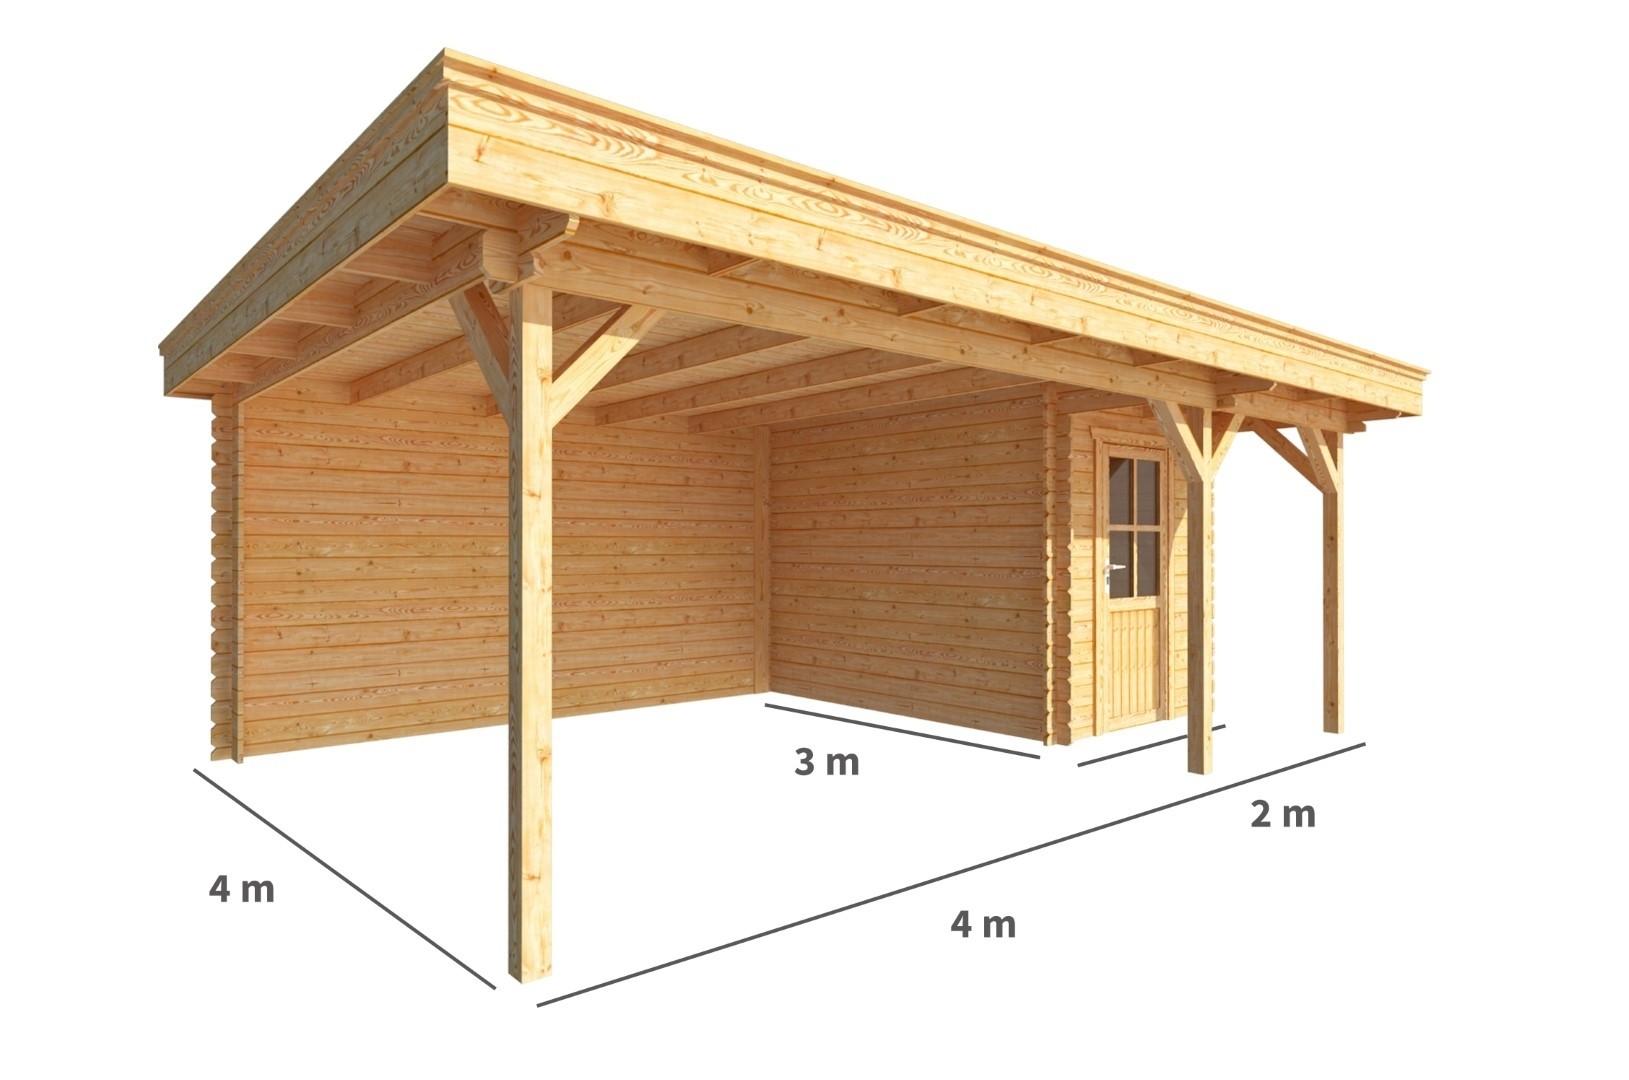 Blokhut met overkapping Lisa 600 cm bij 300 cm diep Plat dak